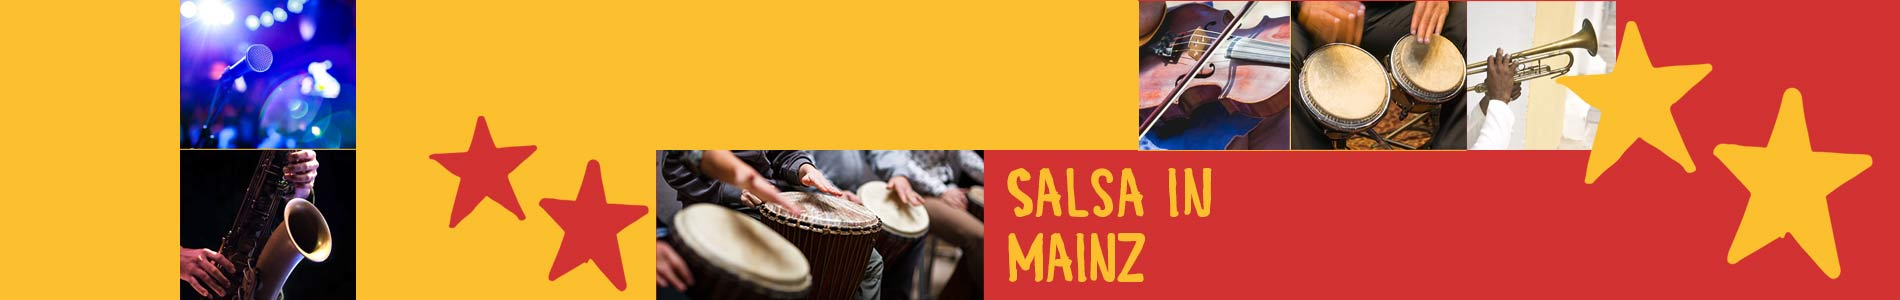 Salsa in Mainz – Salsa lernen und tanzen, Tanzkurse, Partys, Veranstaltungen